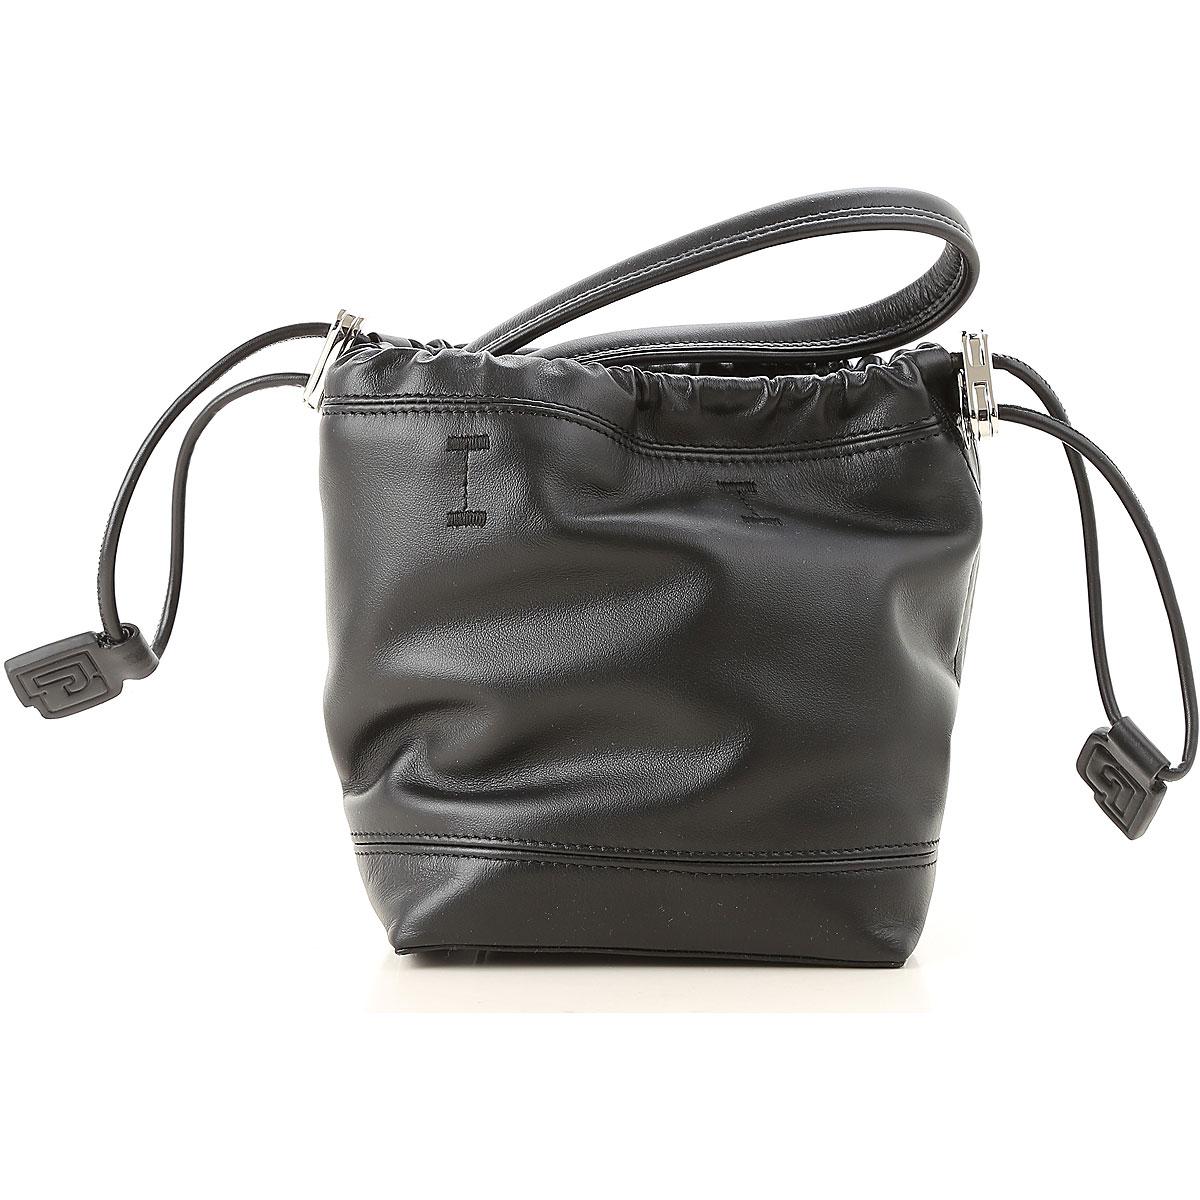 Image of Paco Rabanne Shoulder Bag for Women, Black, Leather, 2017